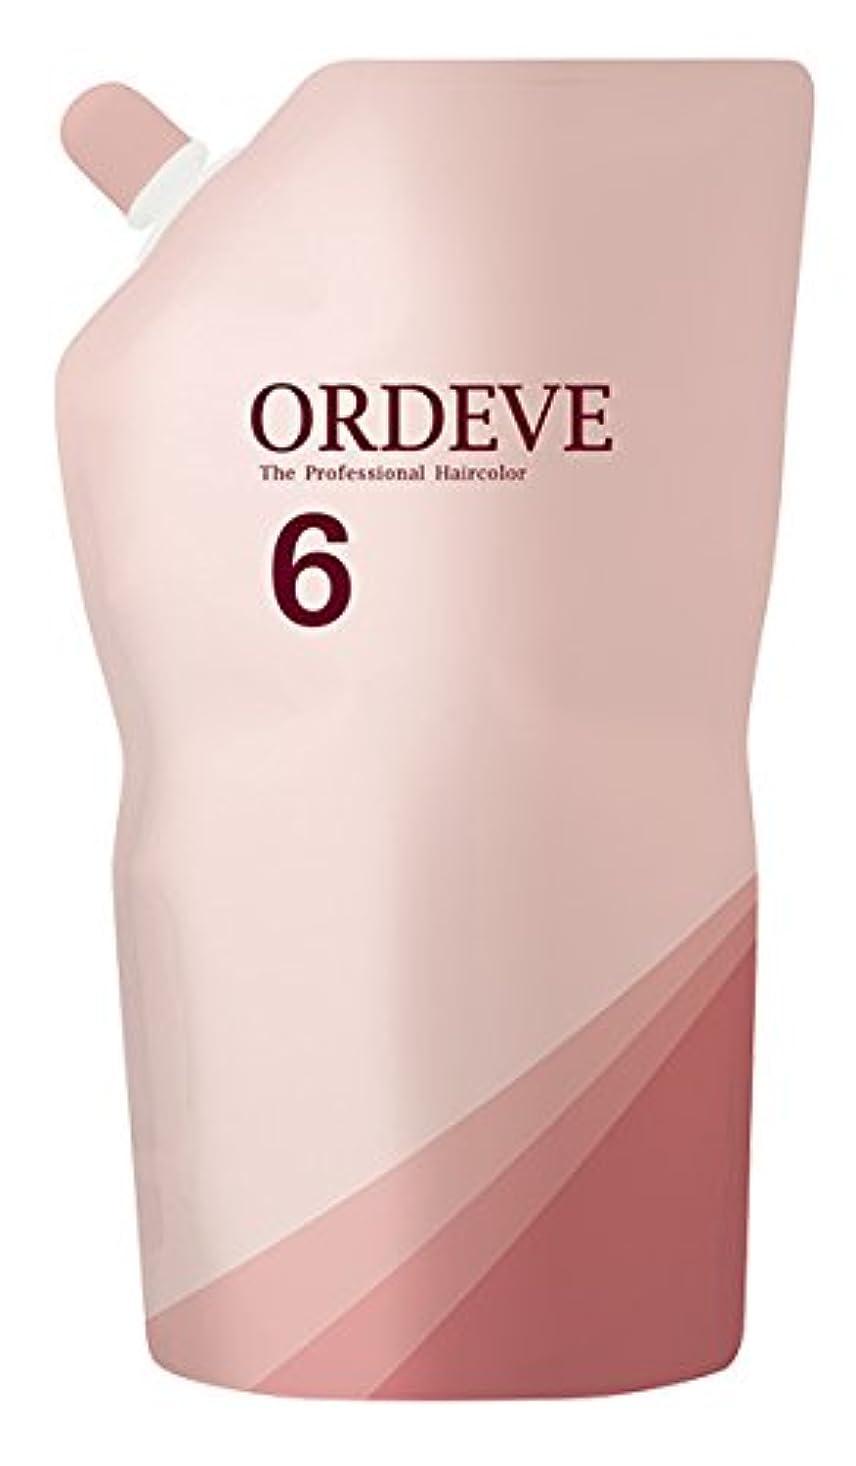 くさび序文バルクORDEVE(オルディーブ) ヘアカラー 第2剤 OX(オキシダン) 6% 1000ml